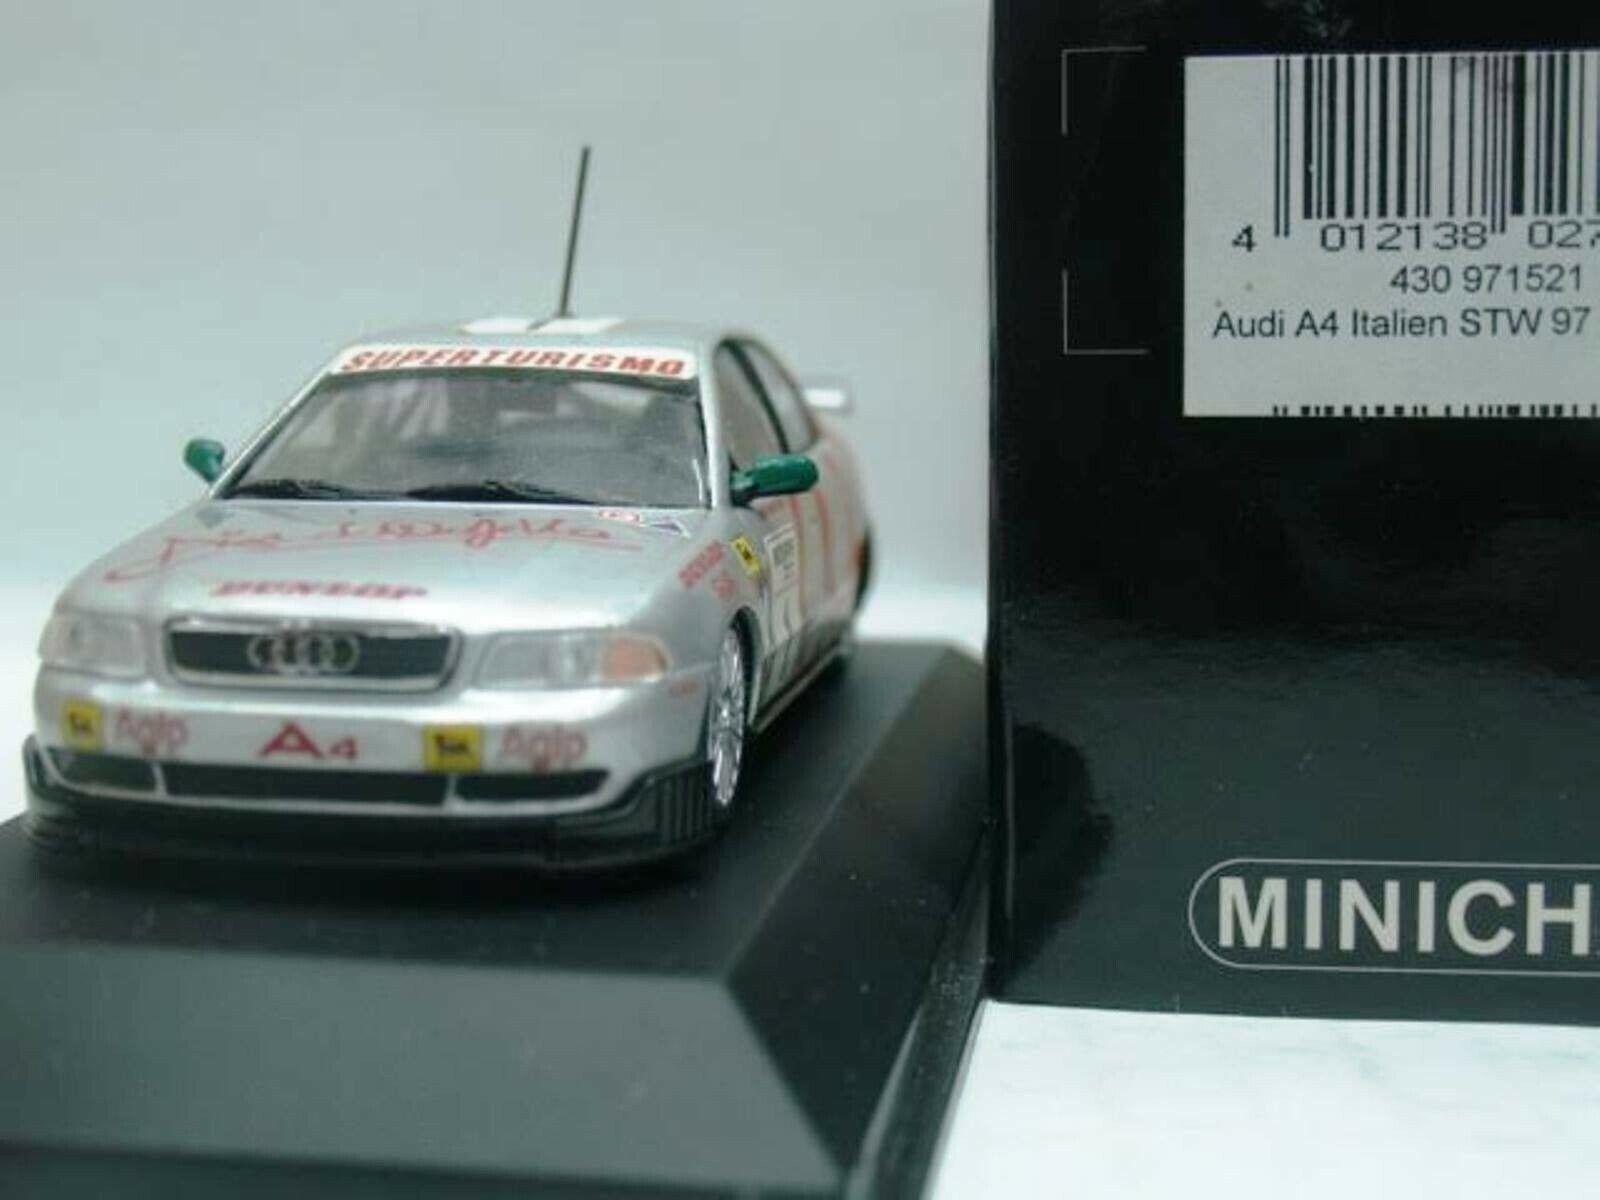 WOW EXTREMELY RARE Audi A4 Quattro 1997 Capello Winner Varano Varano Varano 1 43 Minichamps 958811